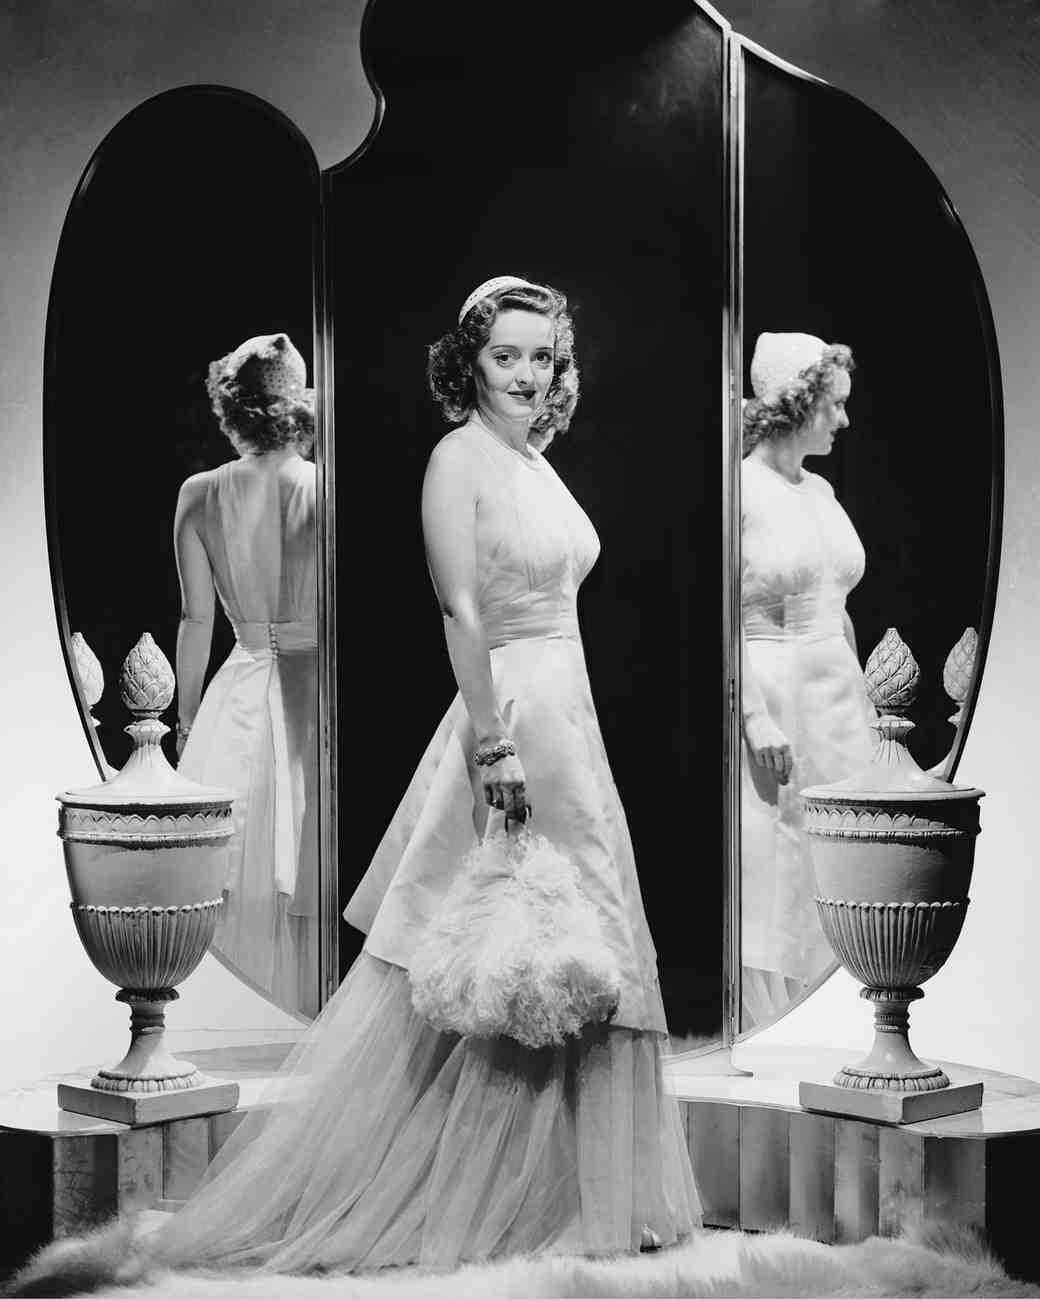 movie-wedding-dresses-dark-victory-bette-davis-0316.jpg